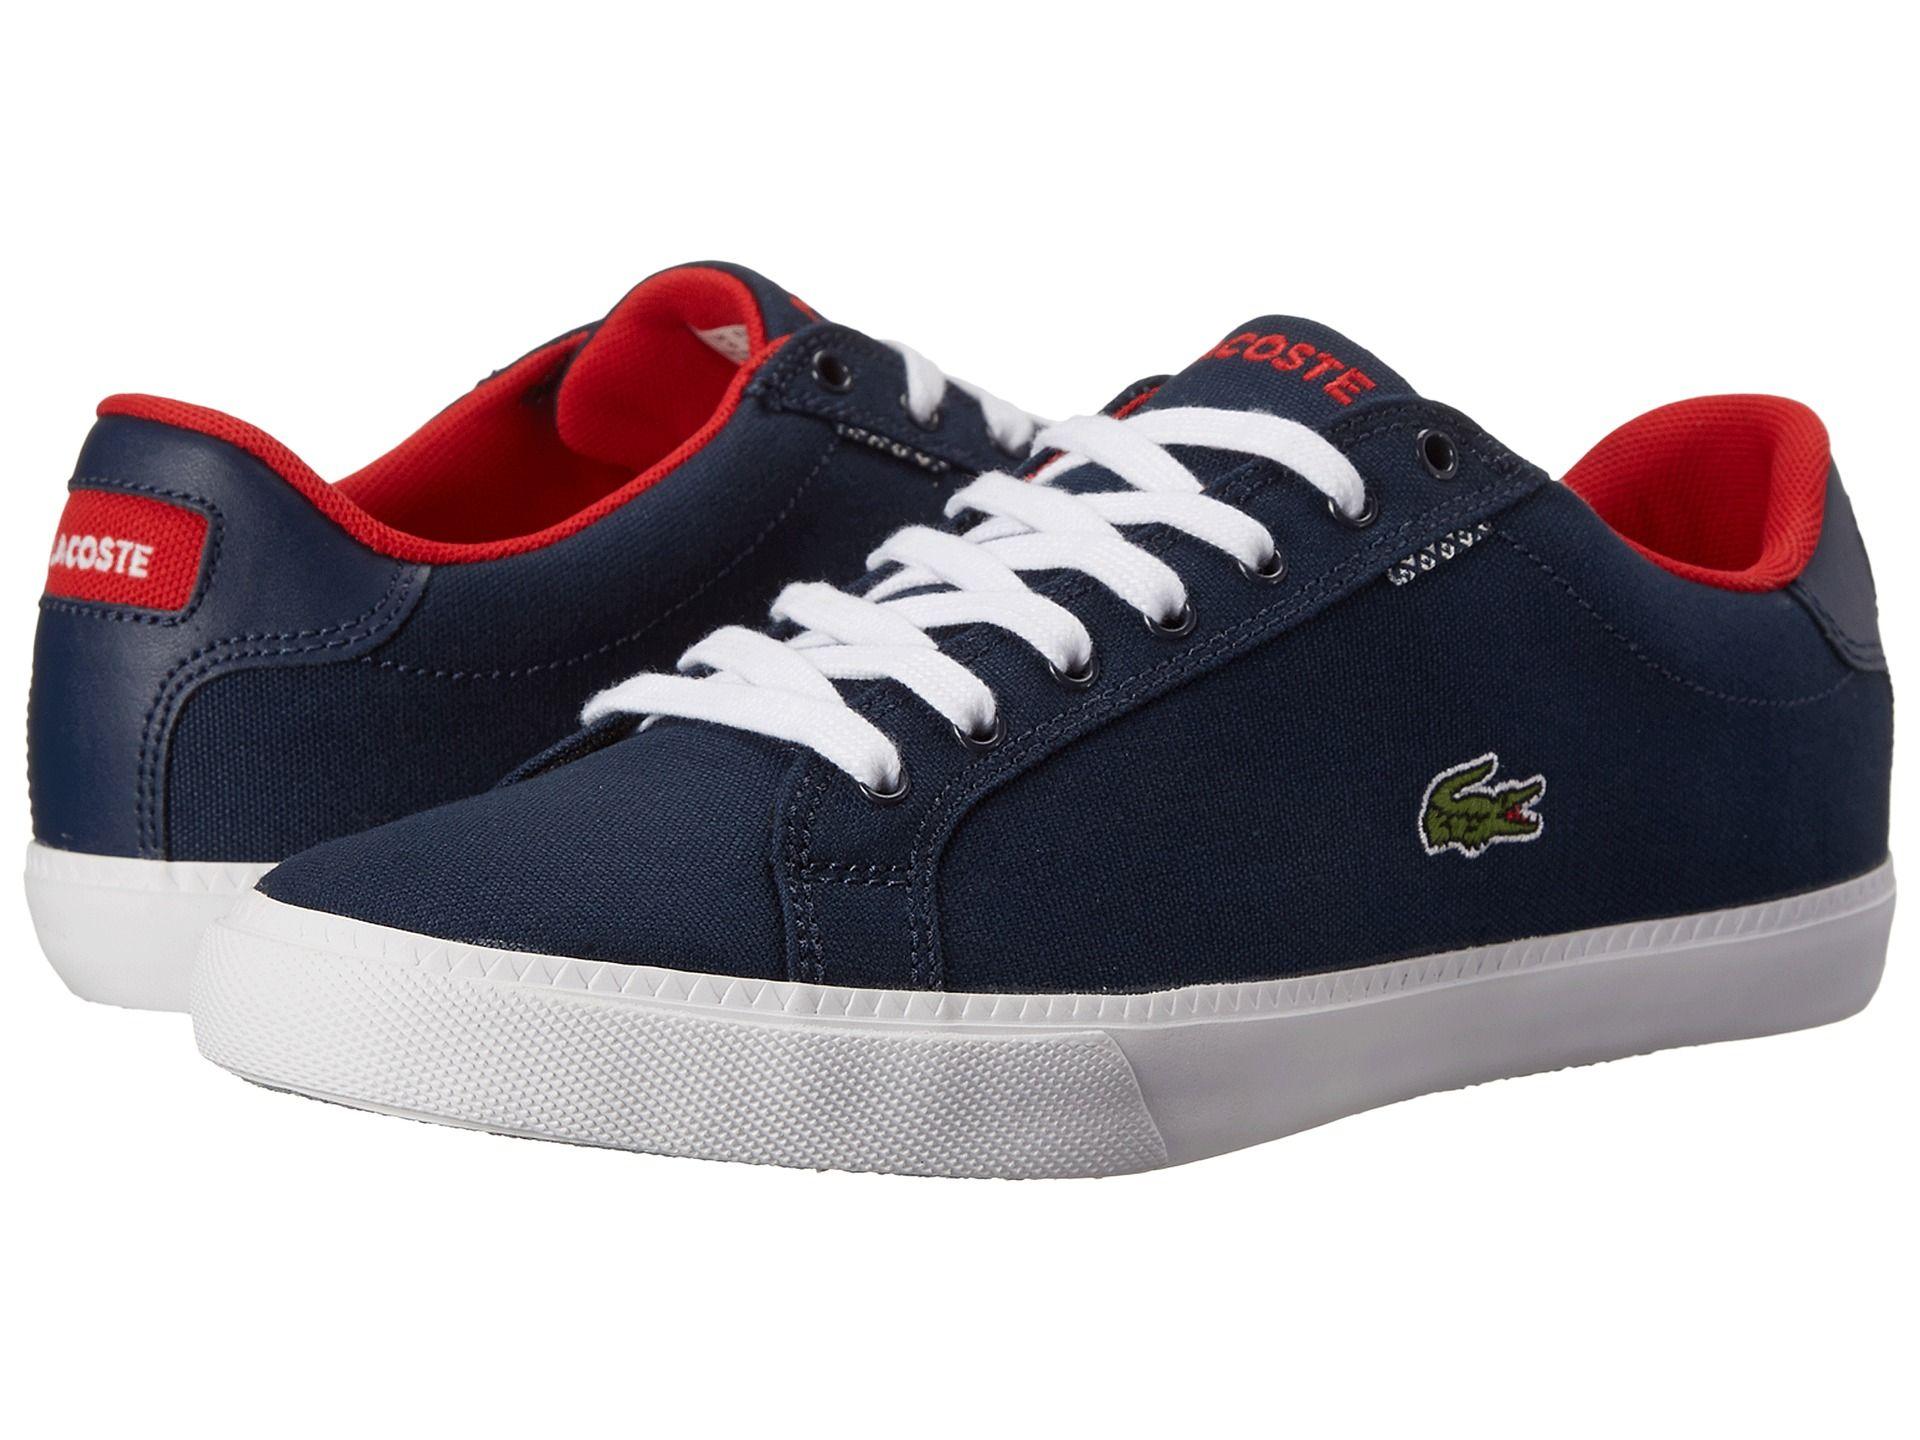 6d136710d54 Lacoste Grad Vulc CR sneakers